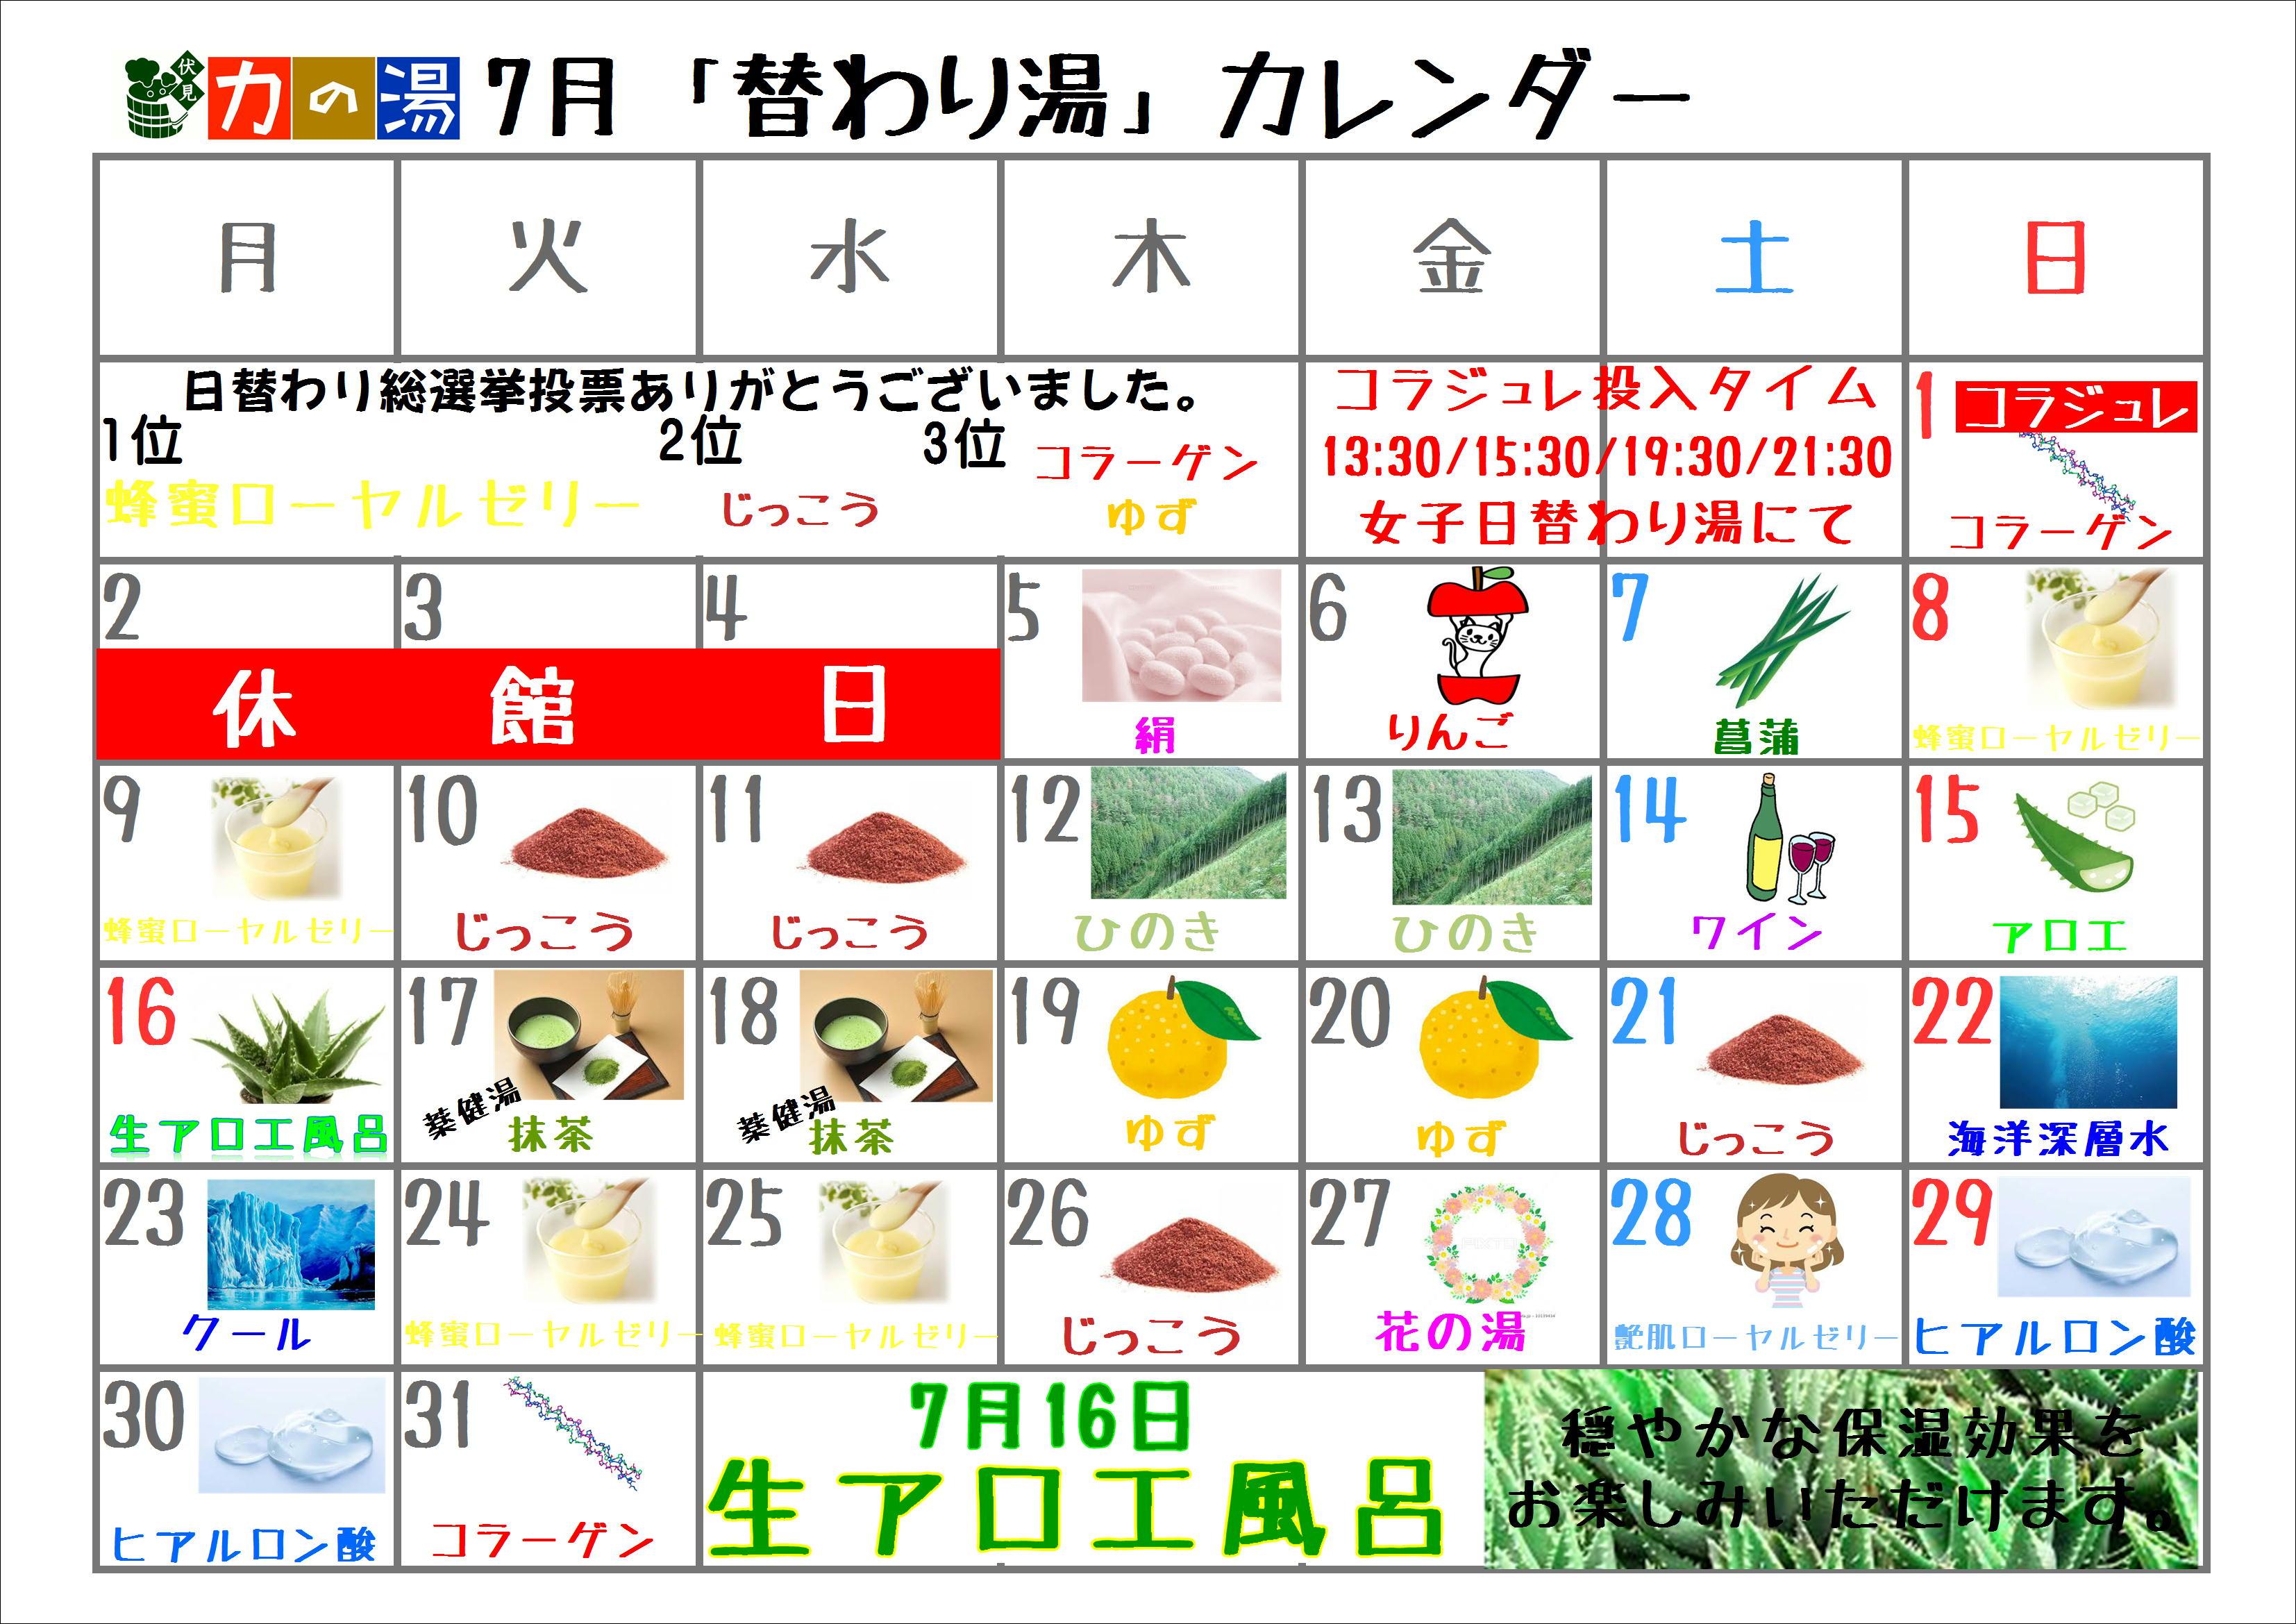 7月日替りカレンダー